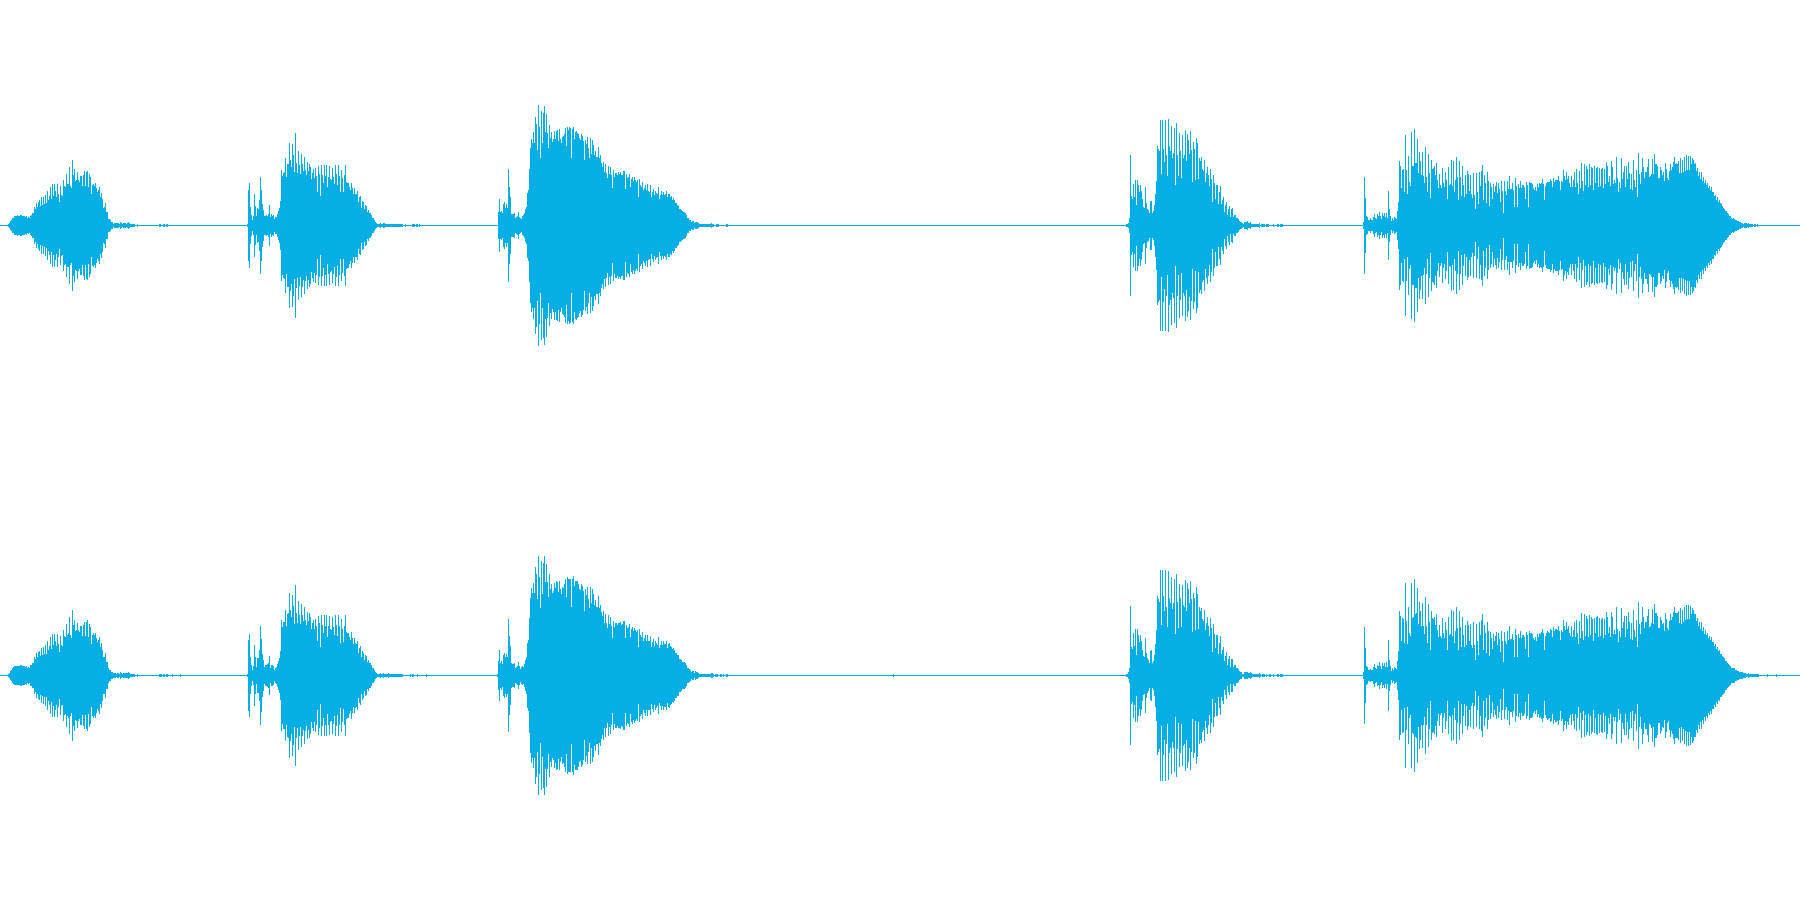 うきゅきゅ、きゅきゅ〜?の再生済みの波形